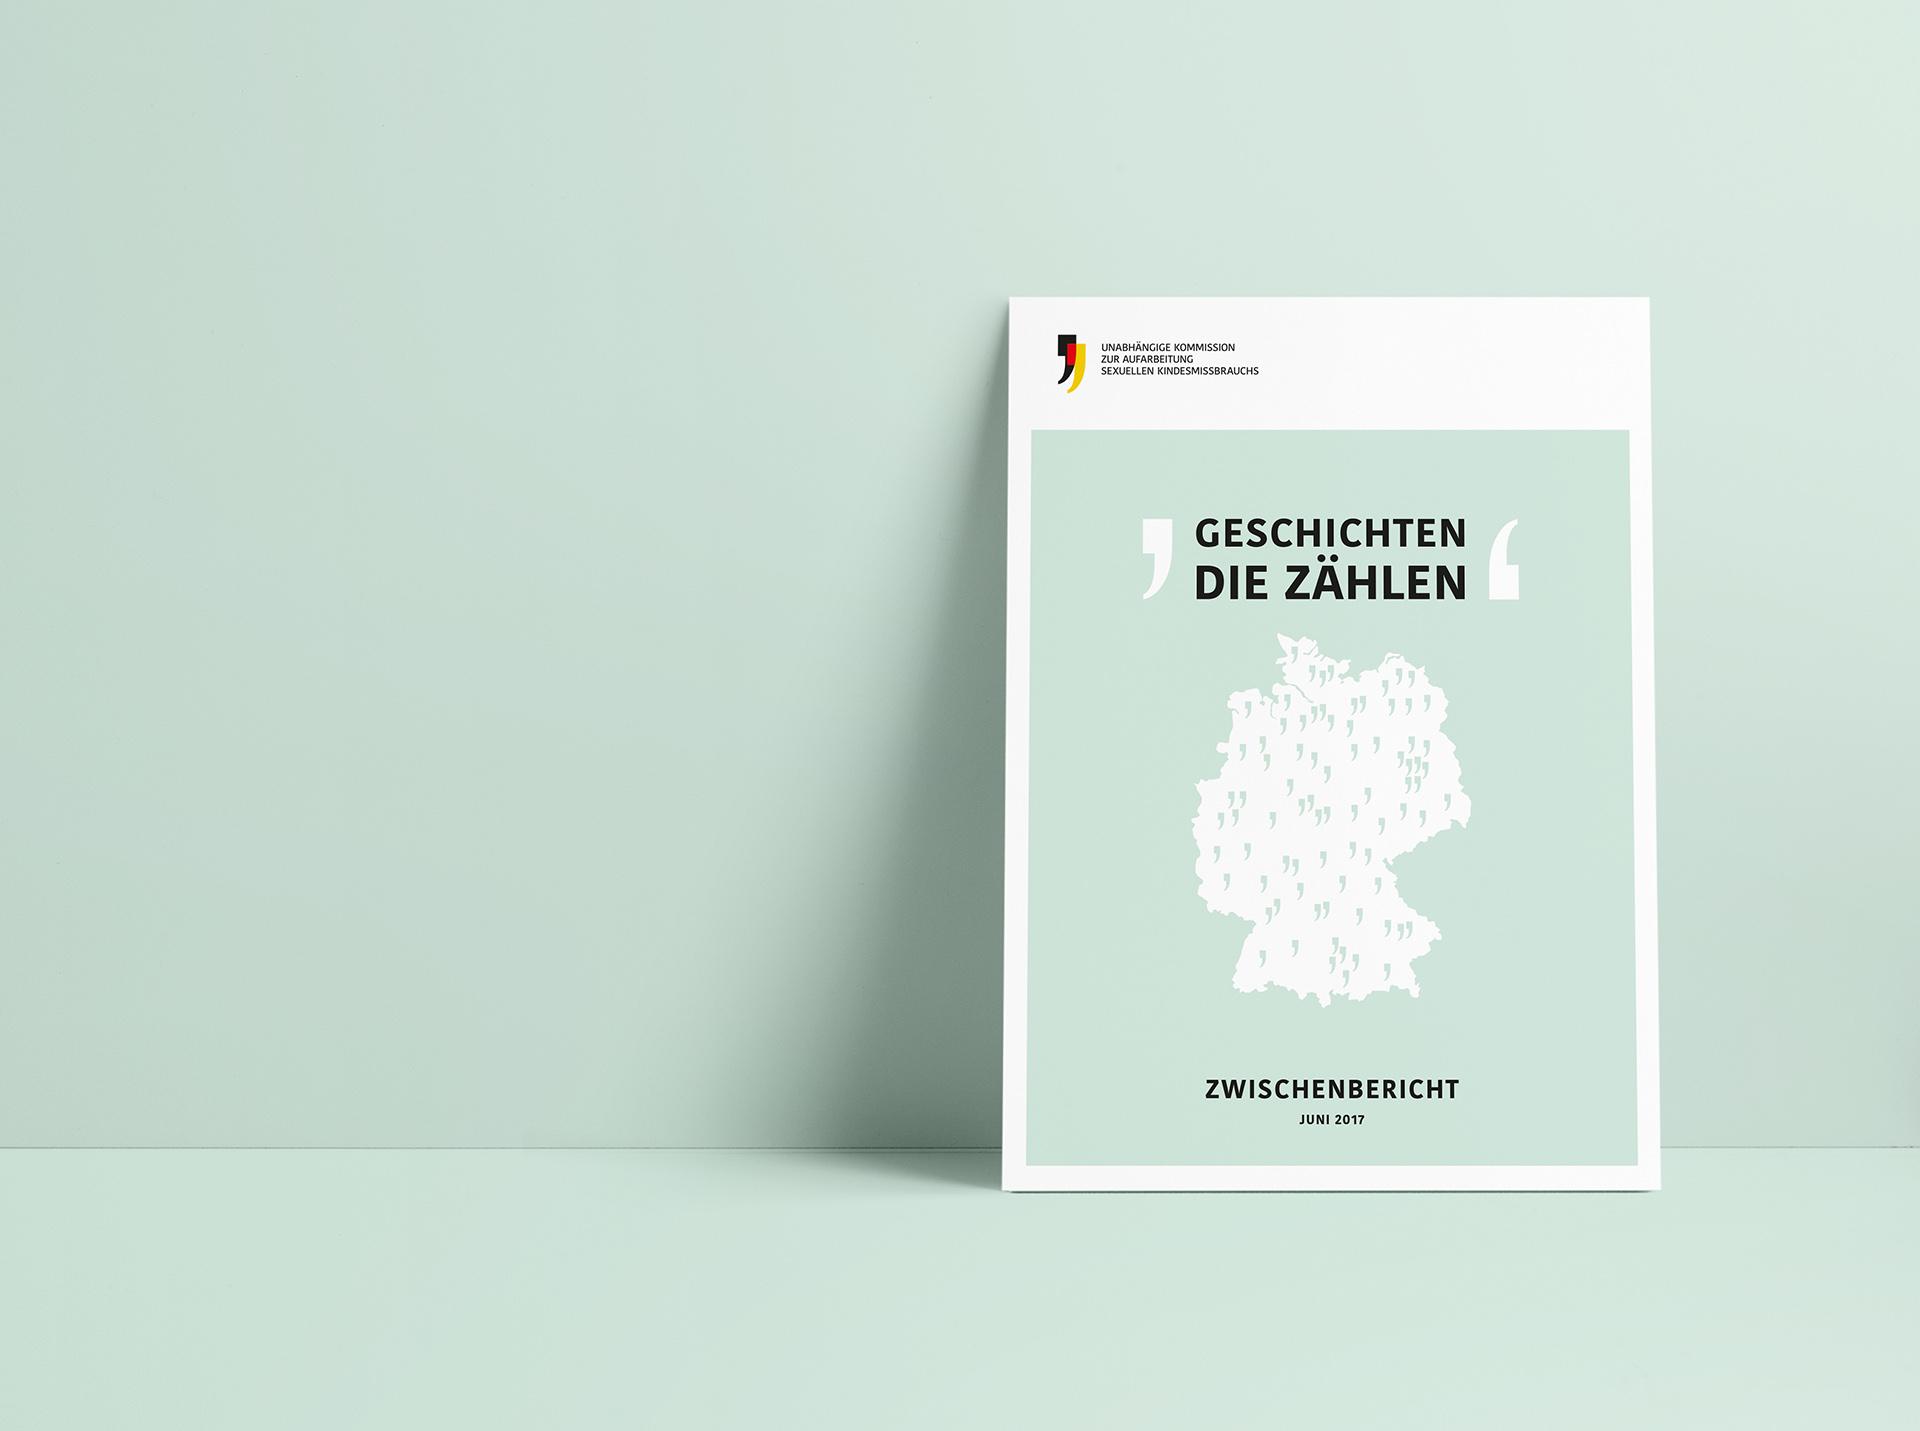 """Coverbild """"Zwischenbericht 2017"""" der Unabhängigen Kommission zur Aufarbeitung sexuellen Kindesmissbrauchs"""